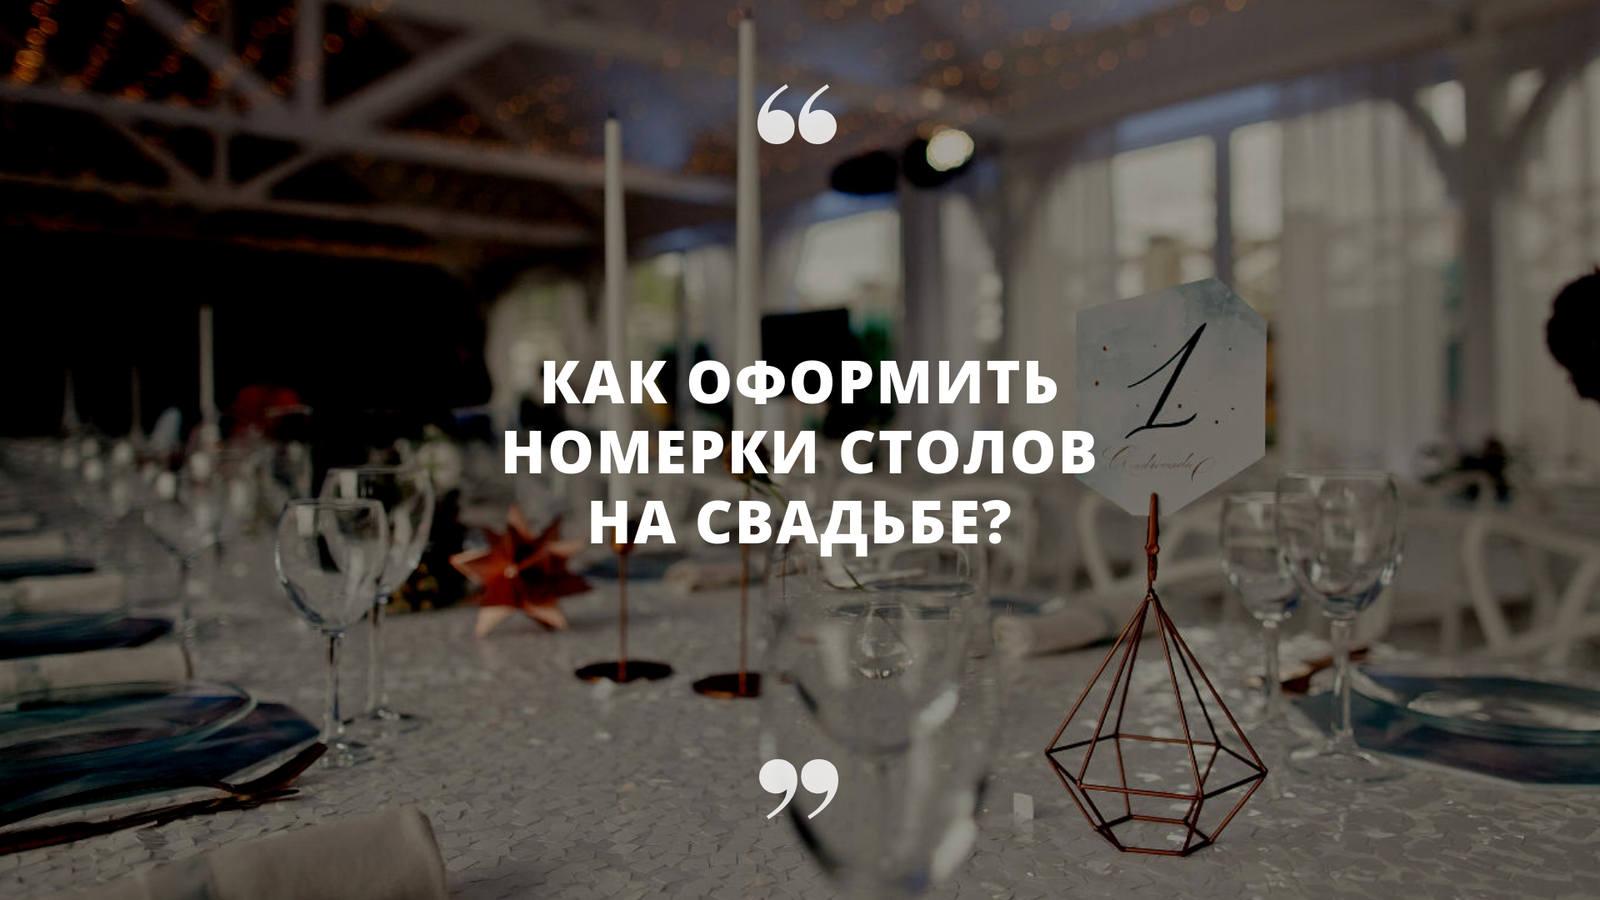 «Как оформить номерки столов на свадьбе?»